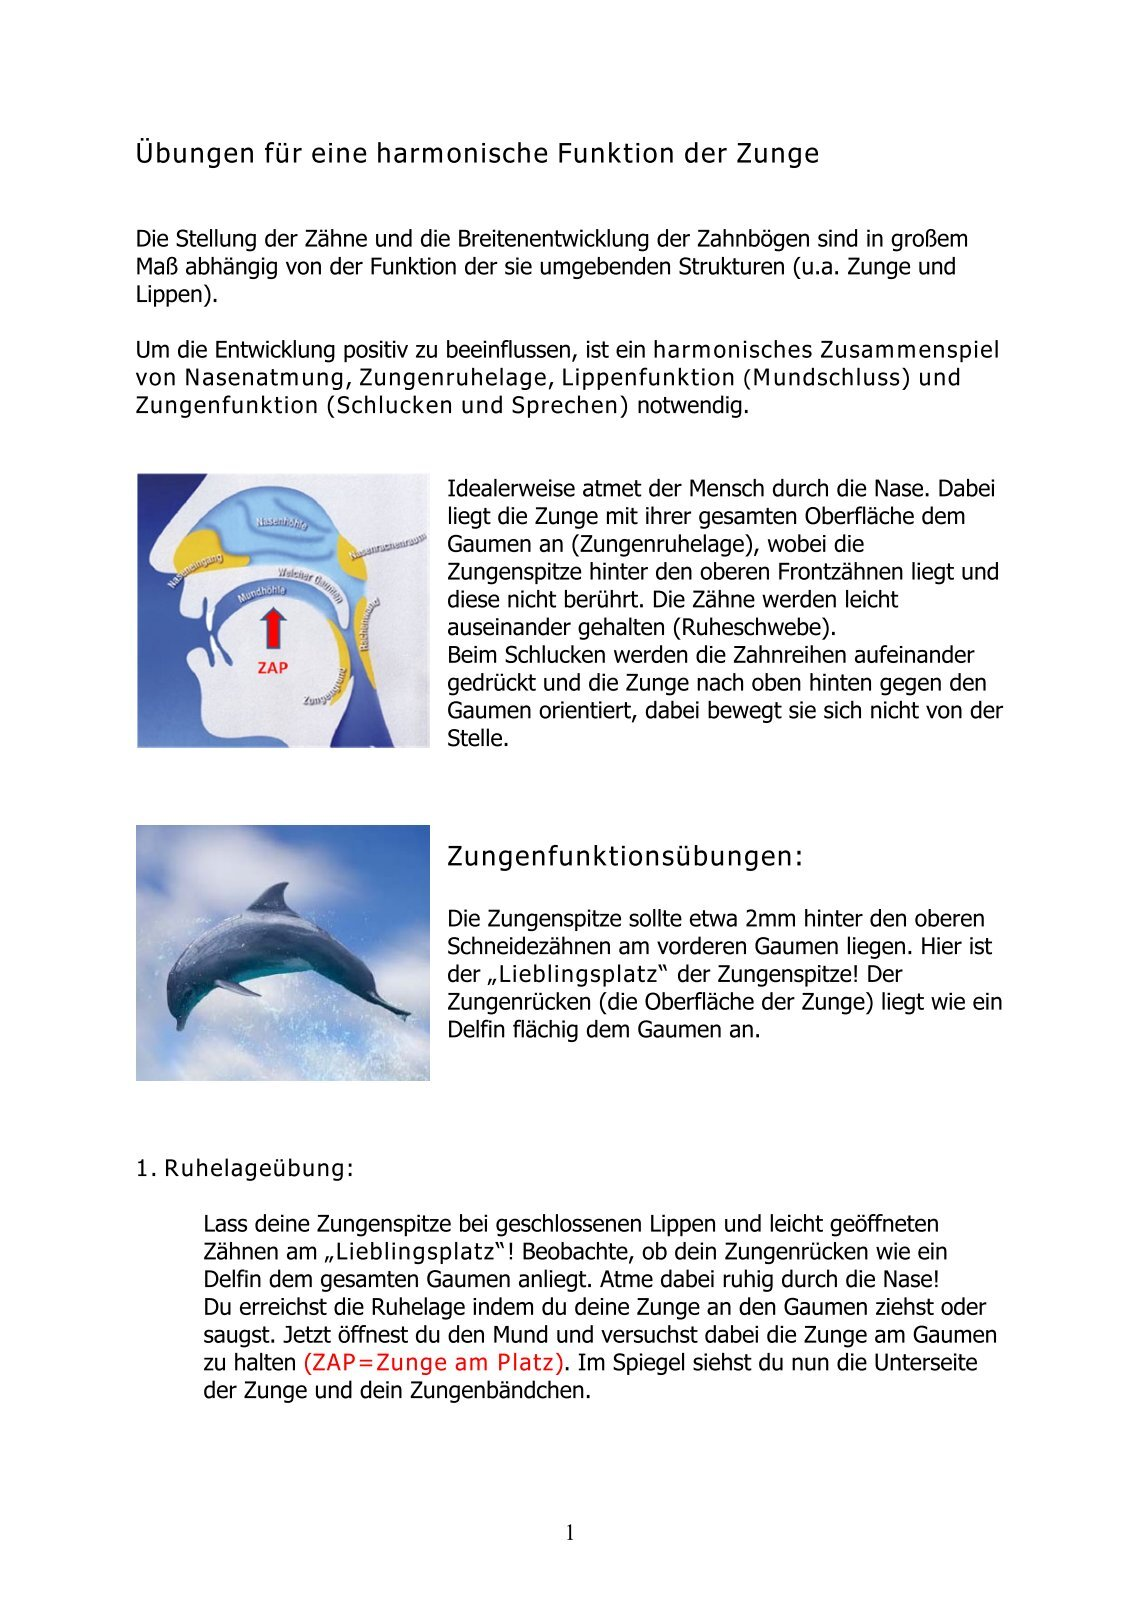 Beste Bilder Der Zunge Und Gaumen Bilder - Anatomie Ideen - finotti.info